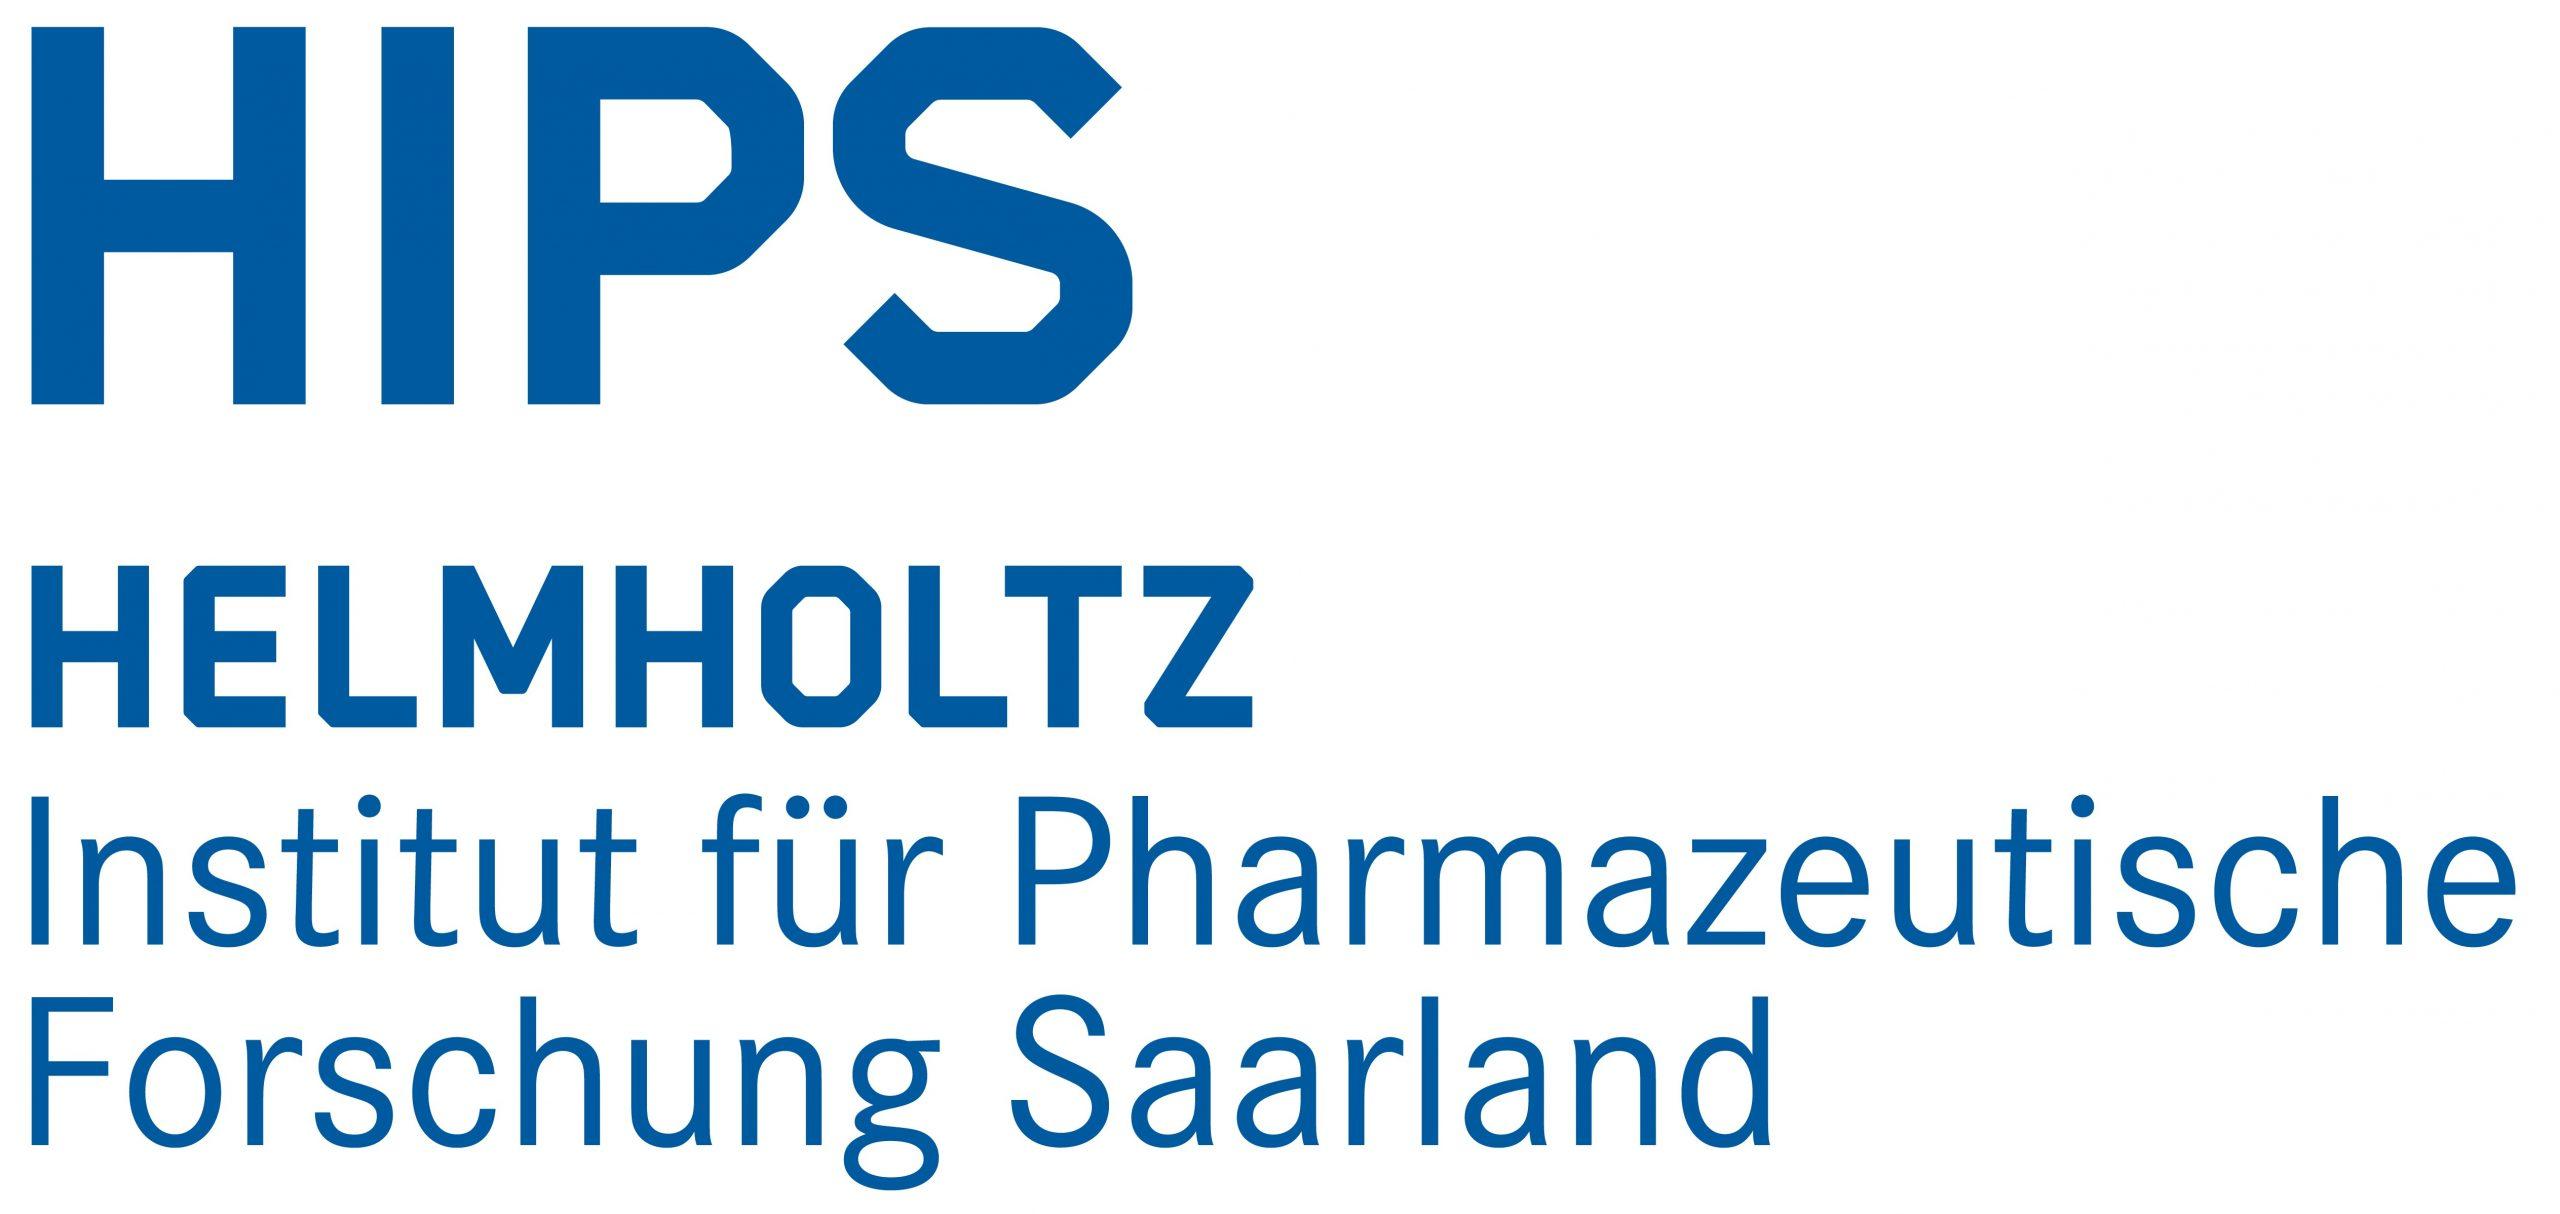 Helmholtz-Institut für Pharmazeutische Forschung Saarland